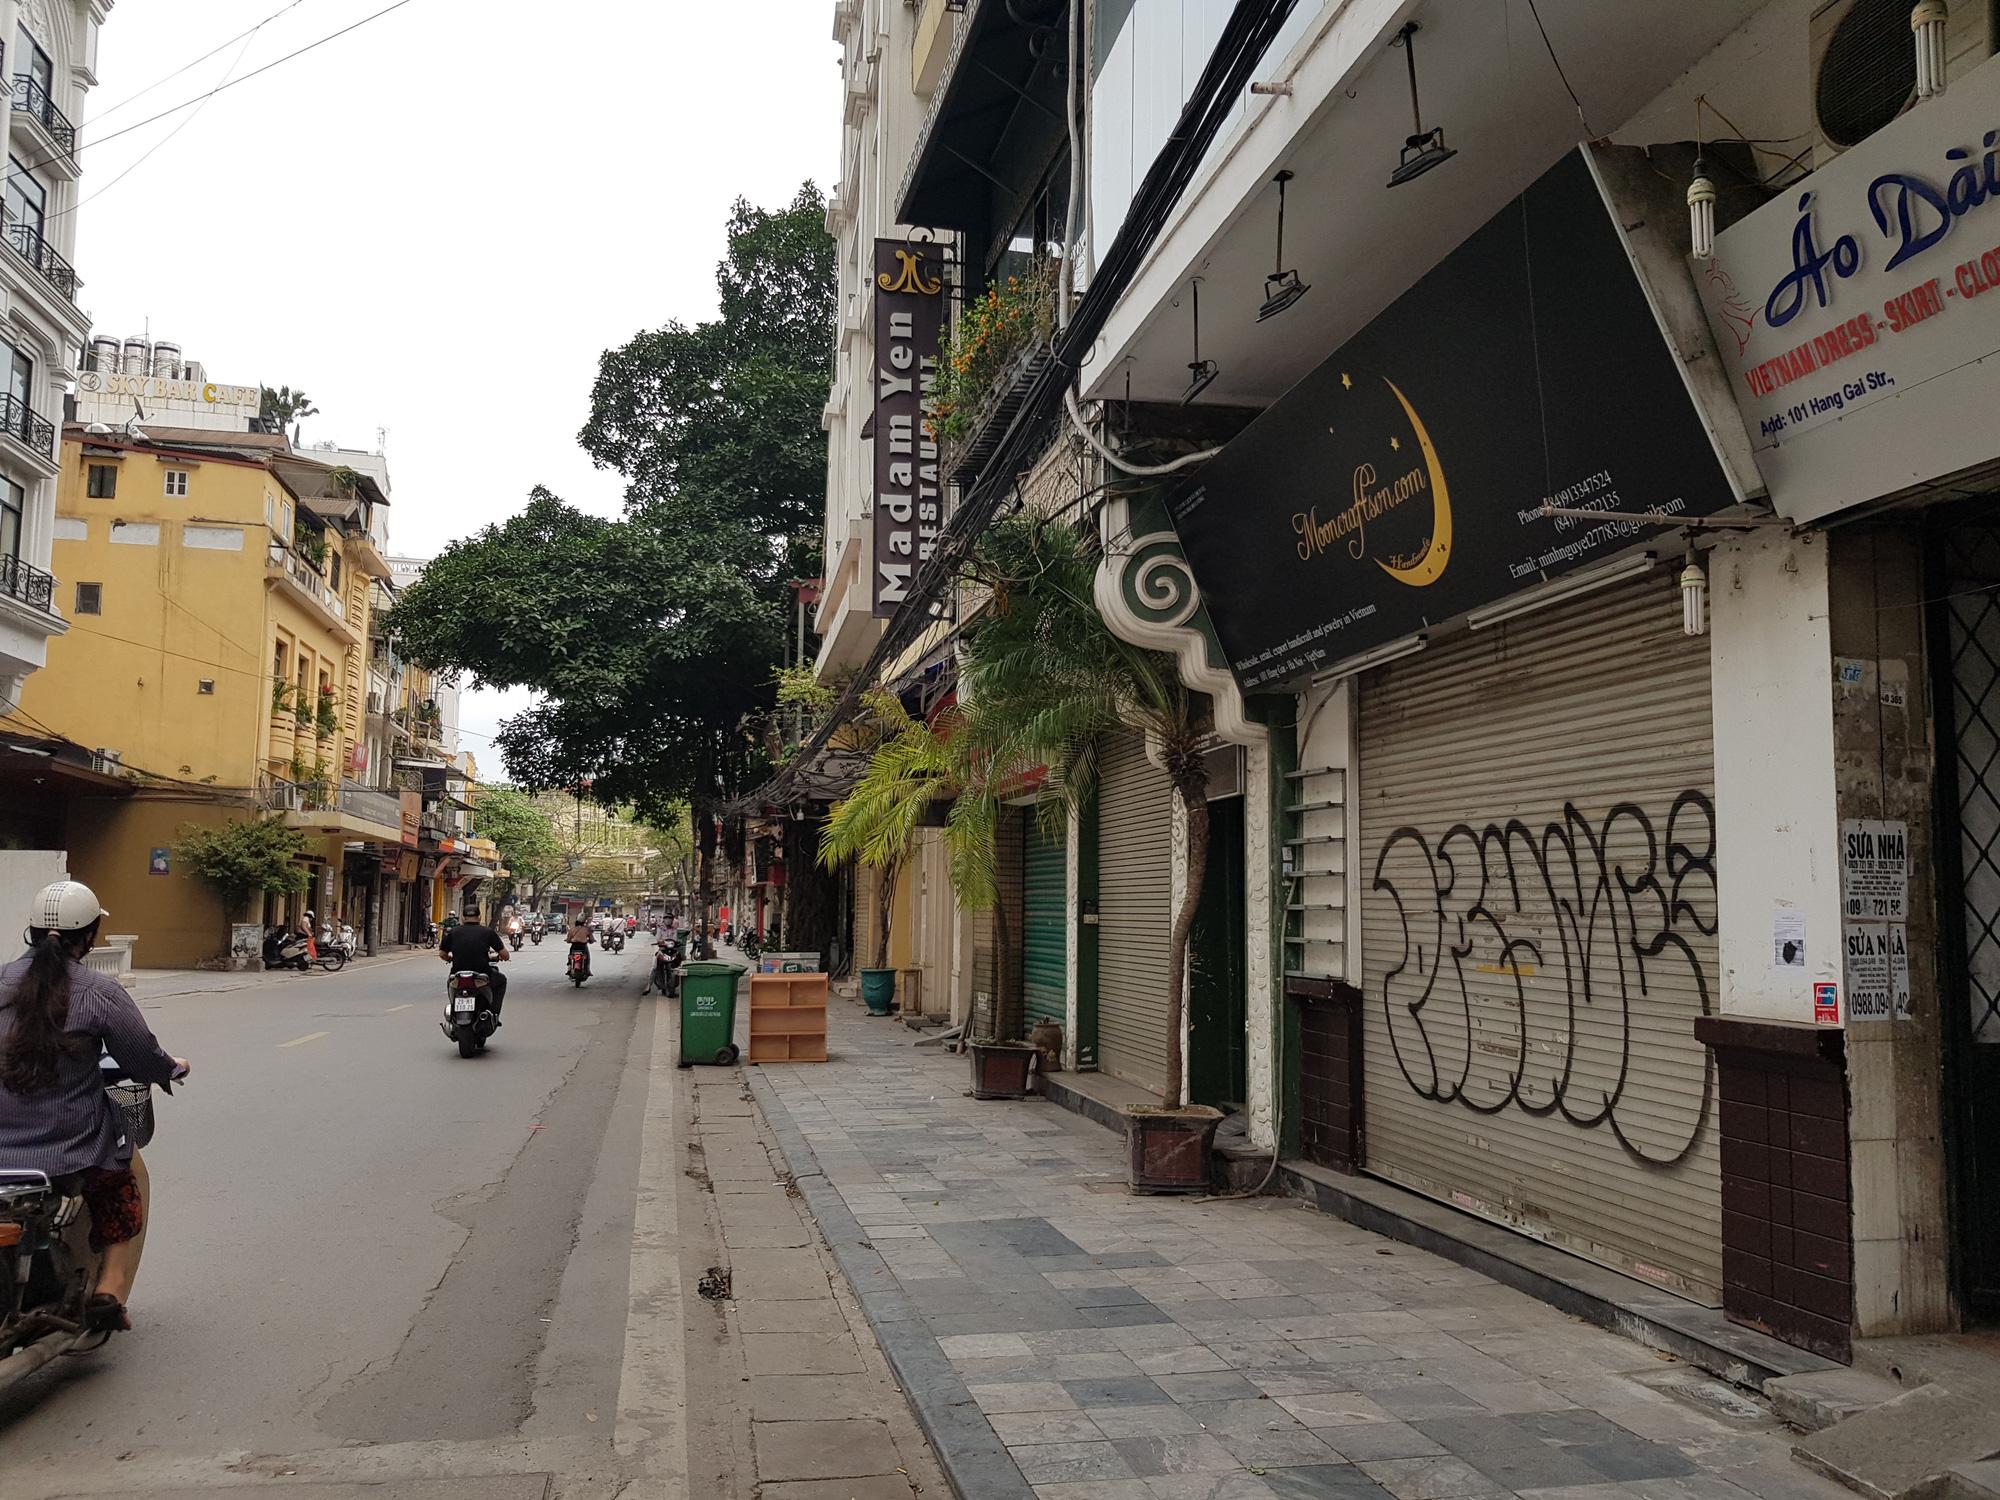 Sau lệnh tạm thời đóng cửa, nhiều đường phố Hà Nội thông thoáng như ngày Tết - Ảnh 5.